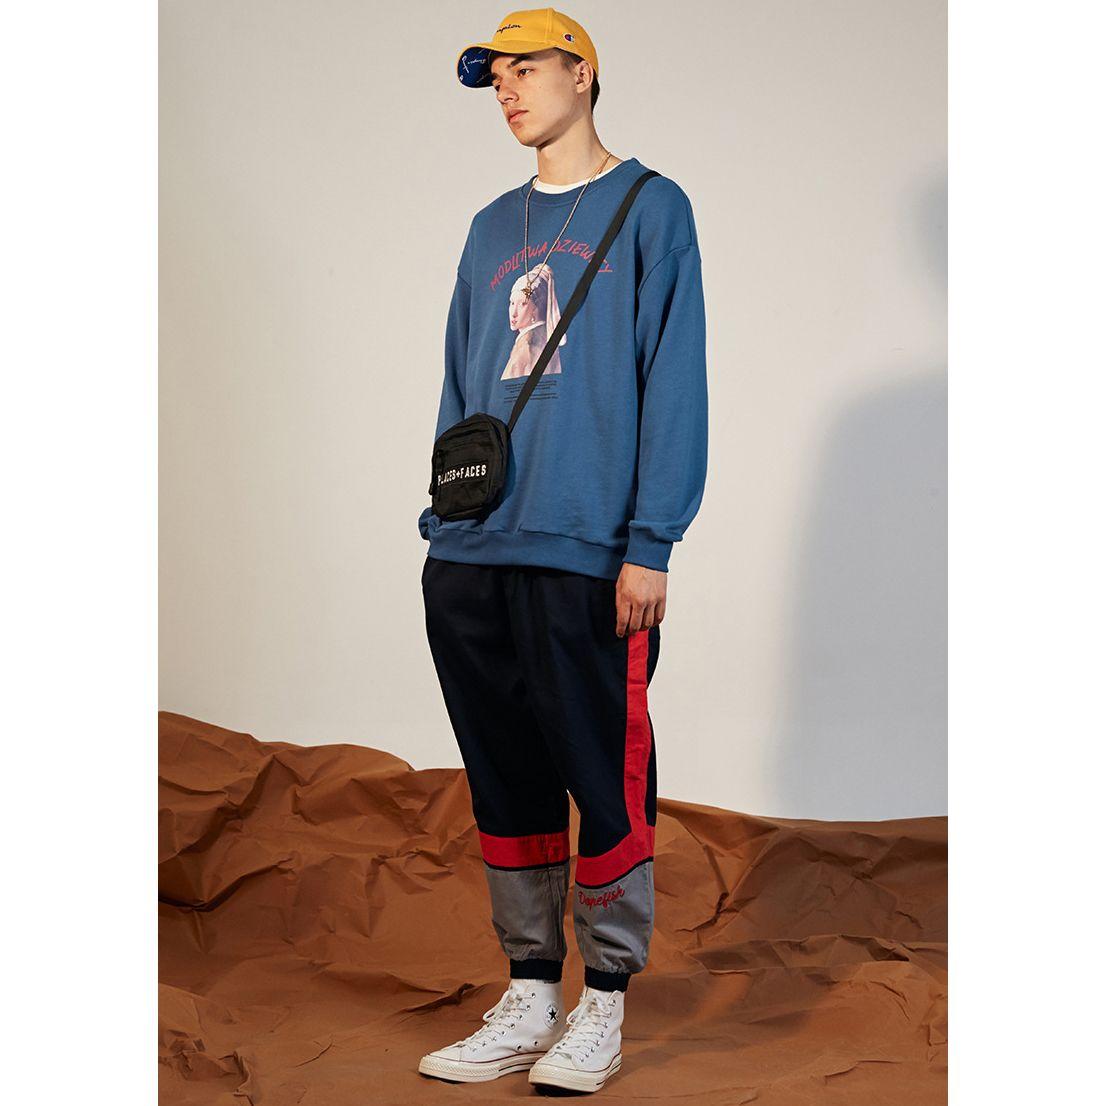 Sudaderas con capucha de hip hop para hombres de diseñador 2019 Nueva marca de marea Suéter de cuello redondo Letra suelta impresa con sudadera con capucha de patrón de niña perla Ropa azul